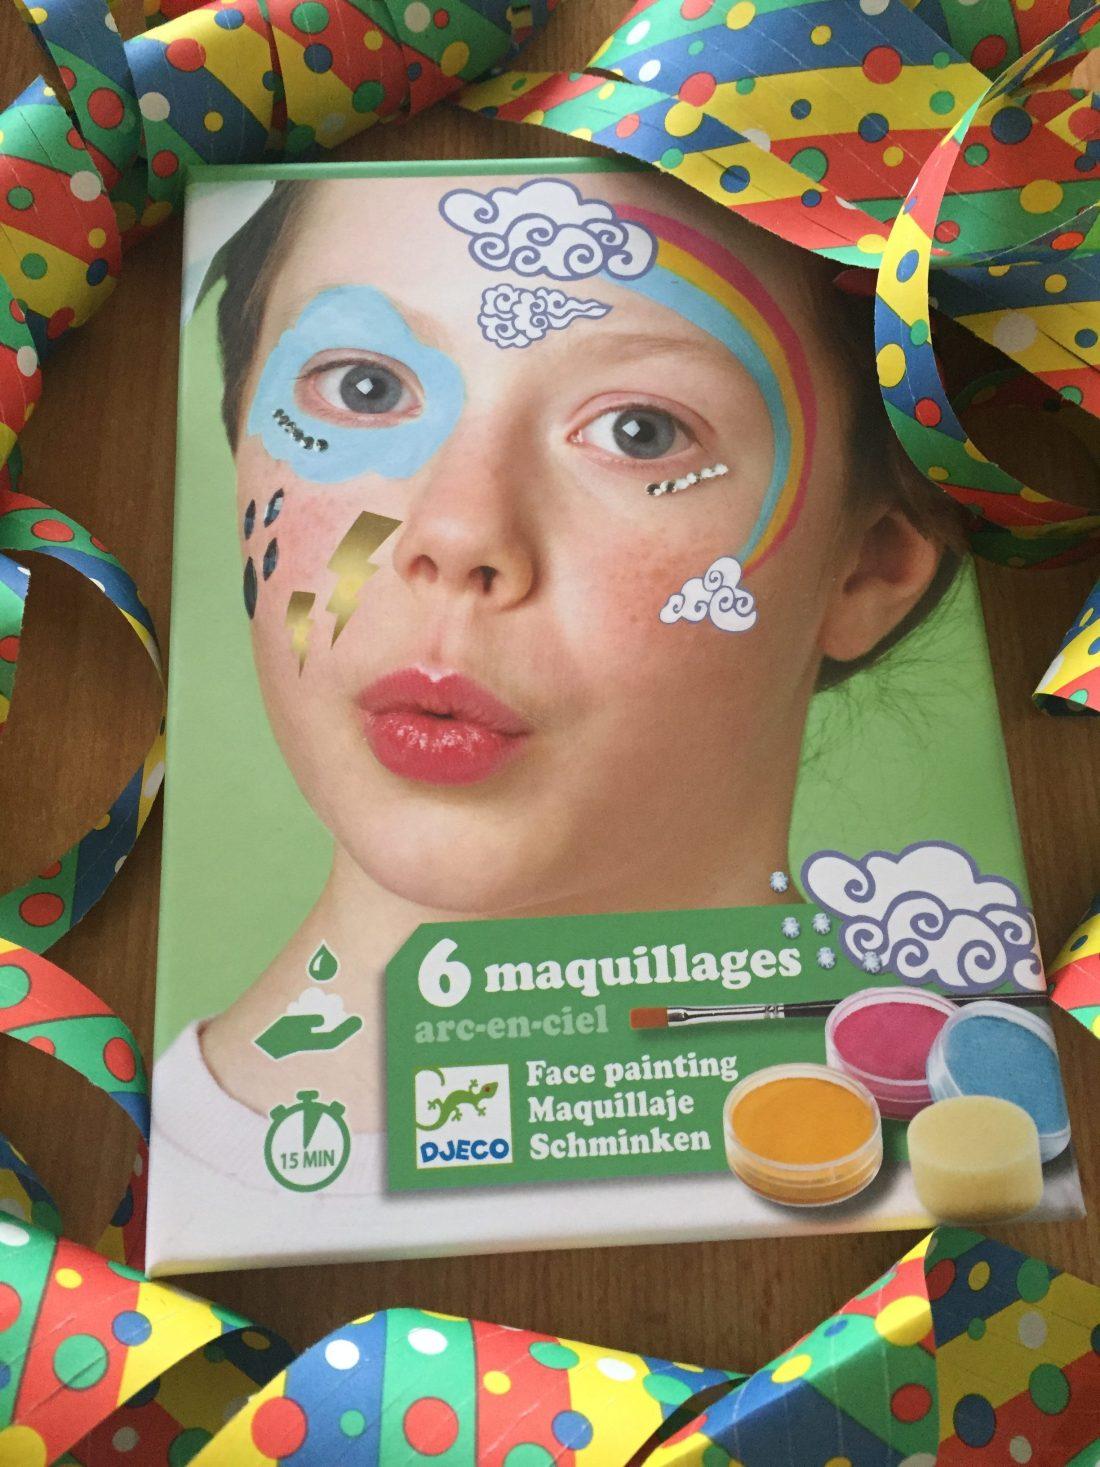 Djeco Schminke, faschingsparty 2021, Faschingsinspiration 2021, wie feiert man fasnacht 2021, fasnacht, kinderschminke kaufen, einfach kinder schminken, diy faschingskostüm, diy kinderschminke, djeko